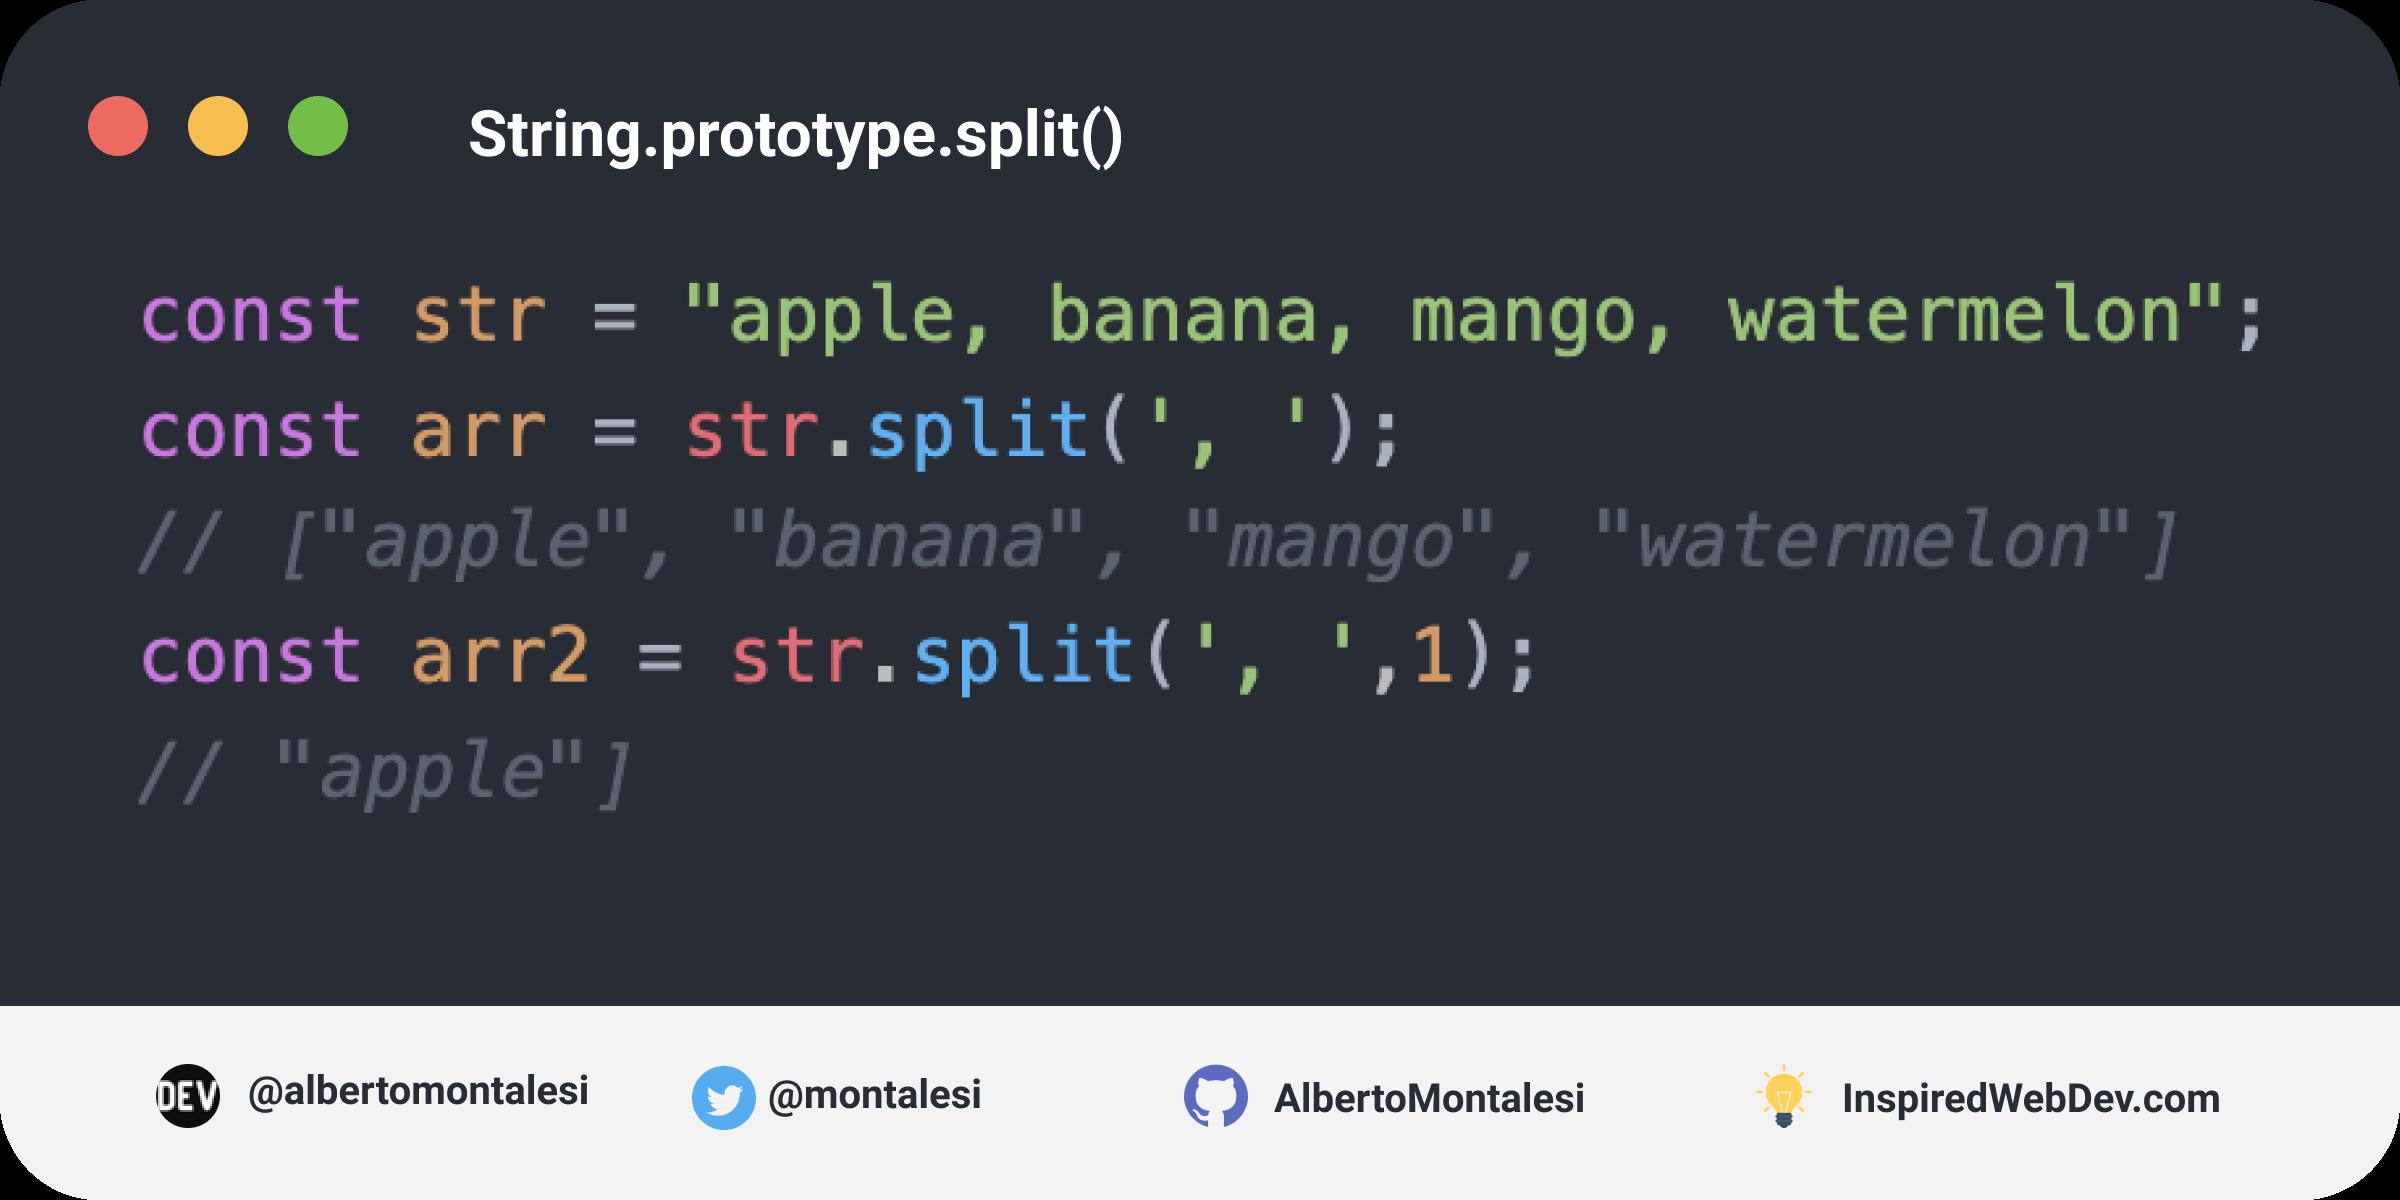 String.prototype.split()